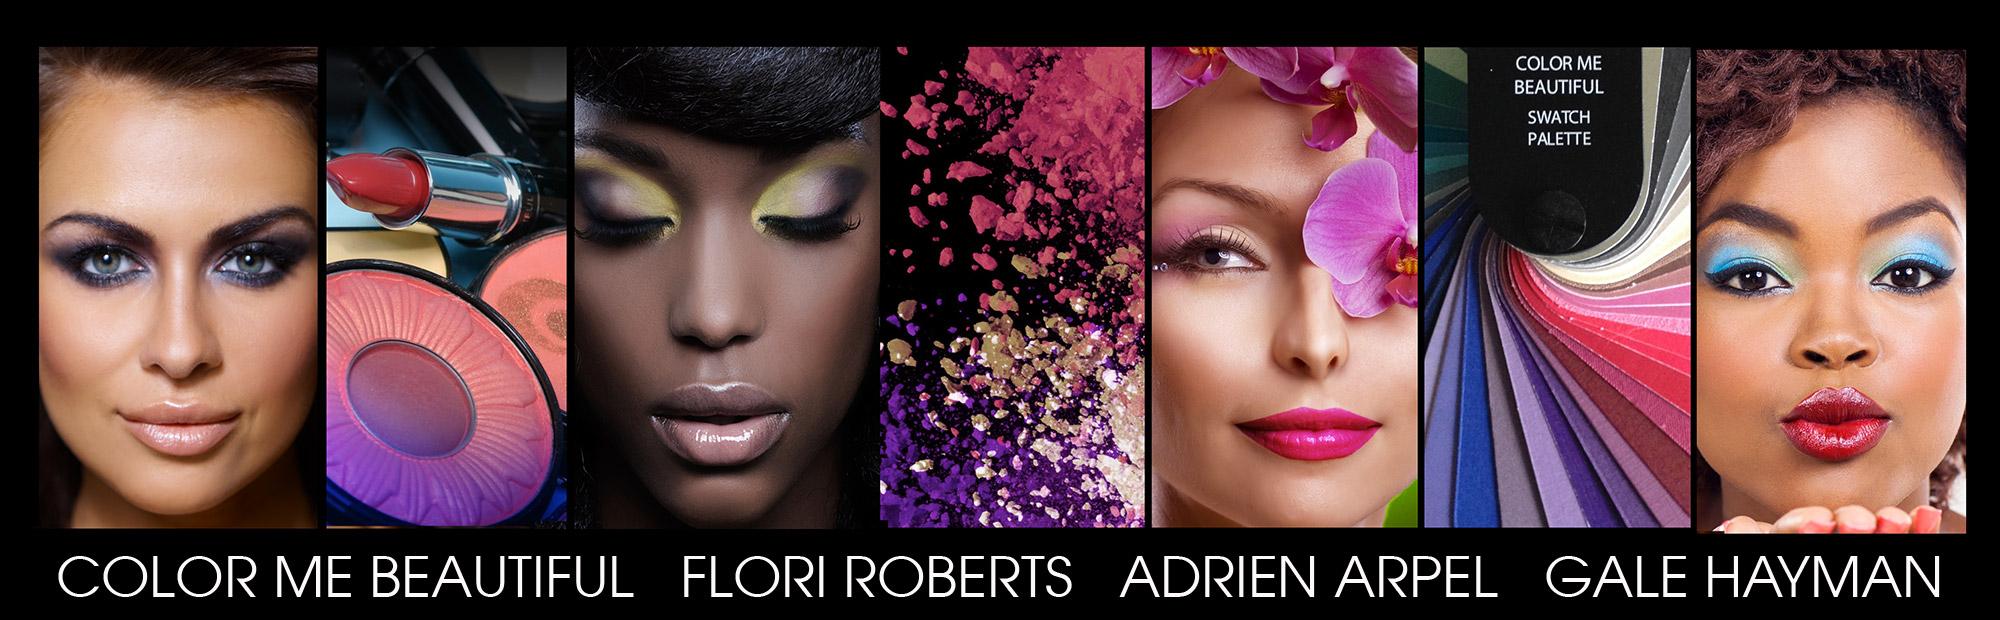 Flori Roberts & Color Me Beautiful Career Starter Kits – florirobertscosmetics